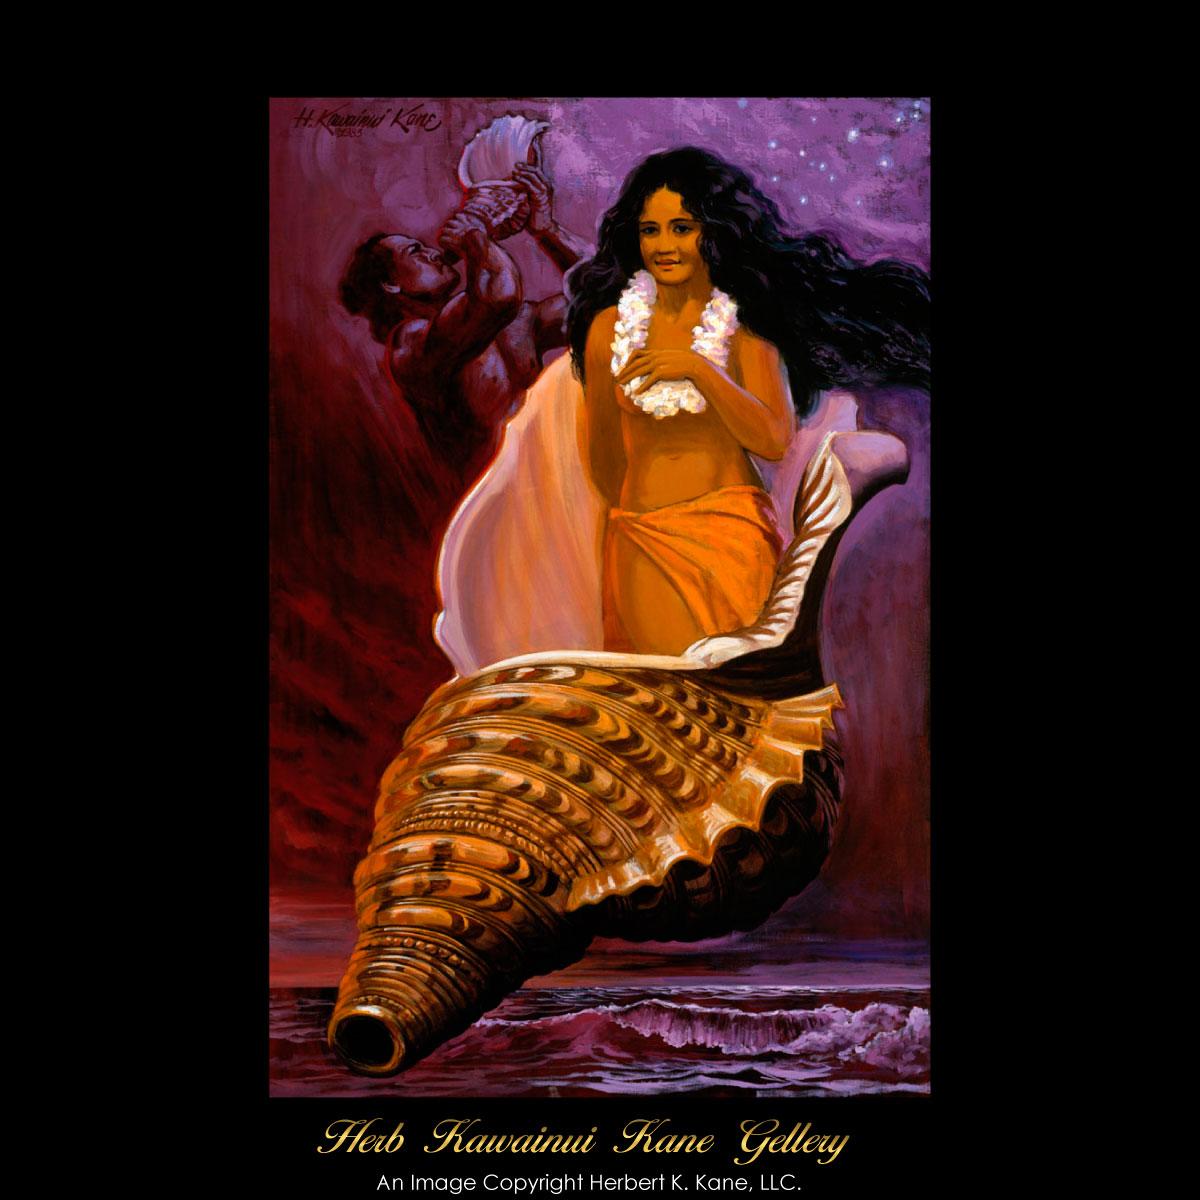 画像1: ジクレー版画 Legend of the Magic Shell (レジェンド オブ ザ マジック シェル) by Herb Kane (1)